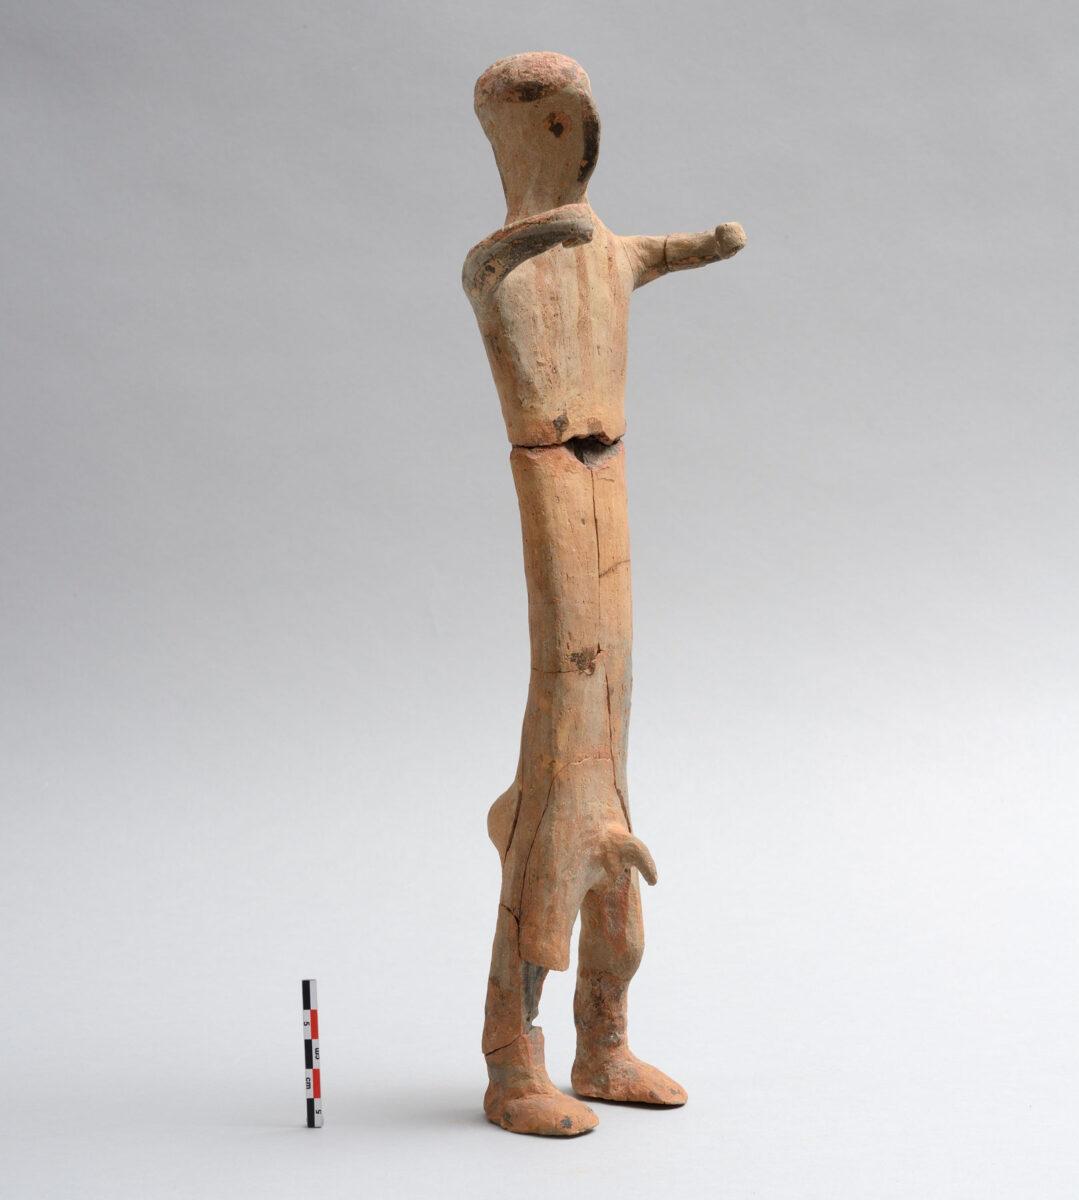 Ειδώλιο ανδρικής μορφής. Μήλος, β΄ μισό 14ου αι. π.Χ. © Εφορεία Αρχαιοτήτων Κυκλάδων, Κ. Ξενικάκης.